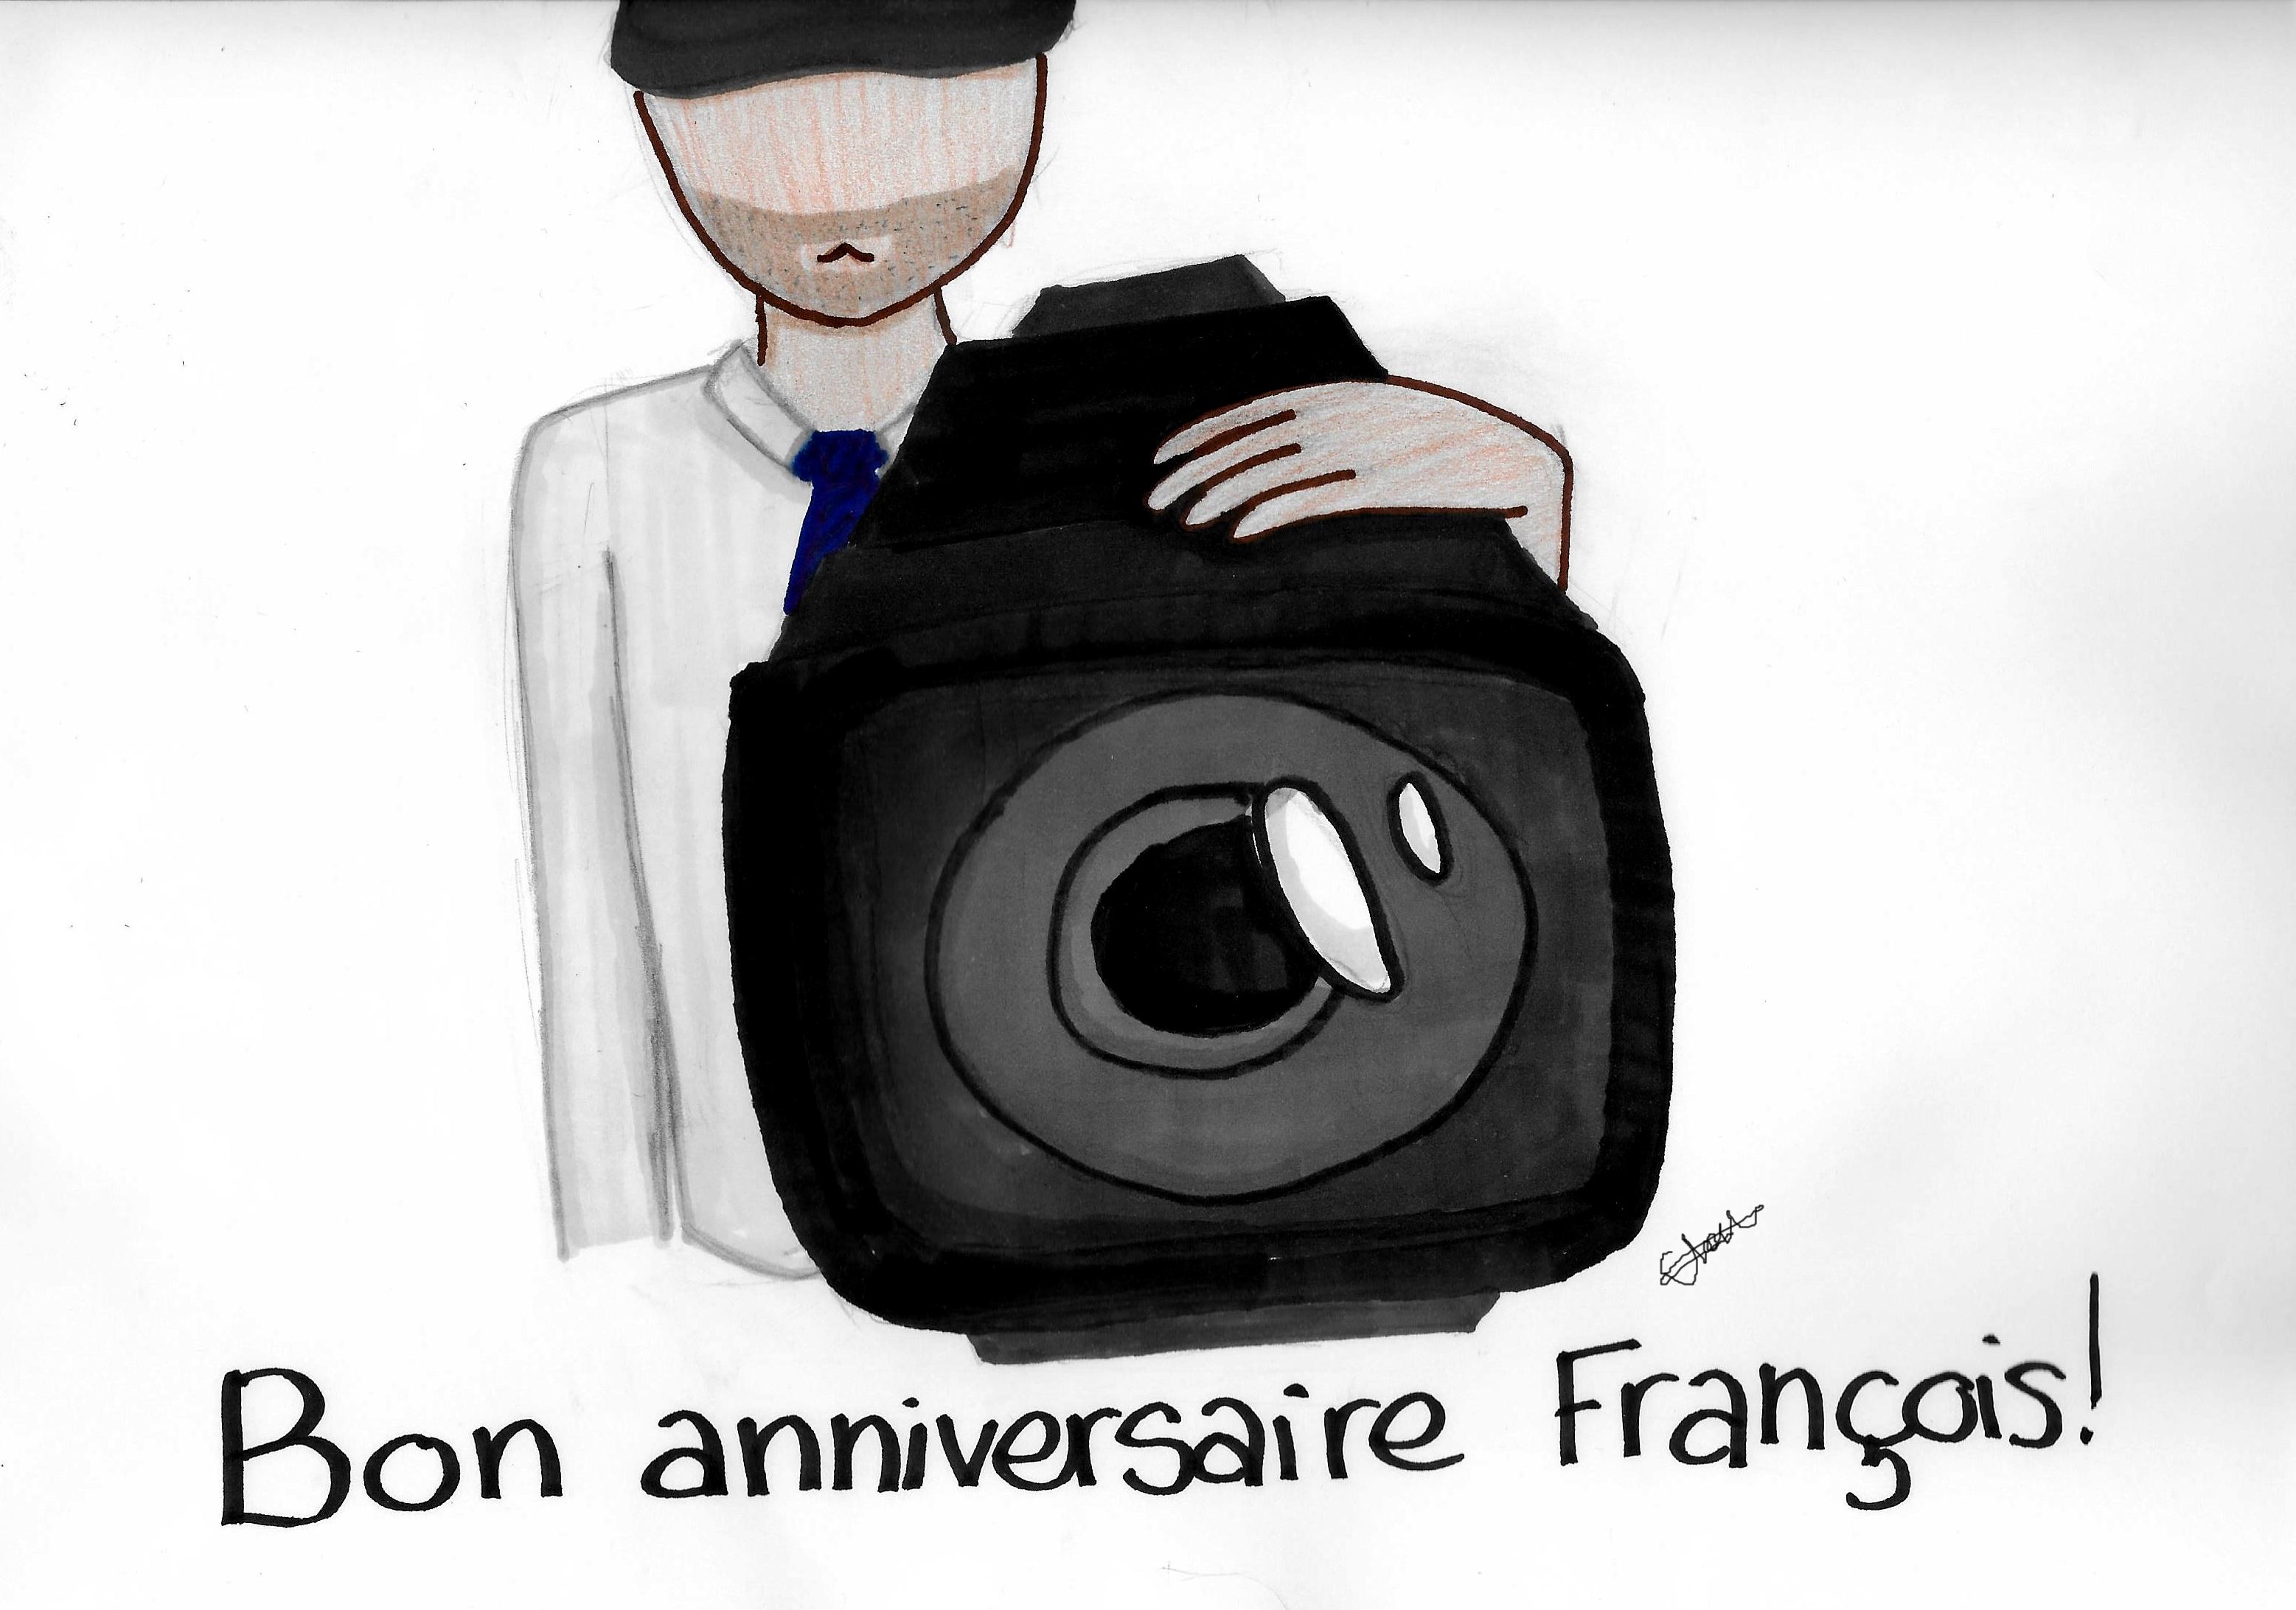 [Cadeau] Anniversaire de François Descraques le 10 février 2016 ! - Page 3 1454967317-anniv-francois-recadre